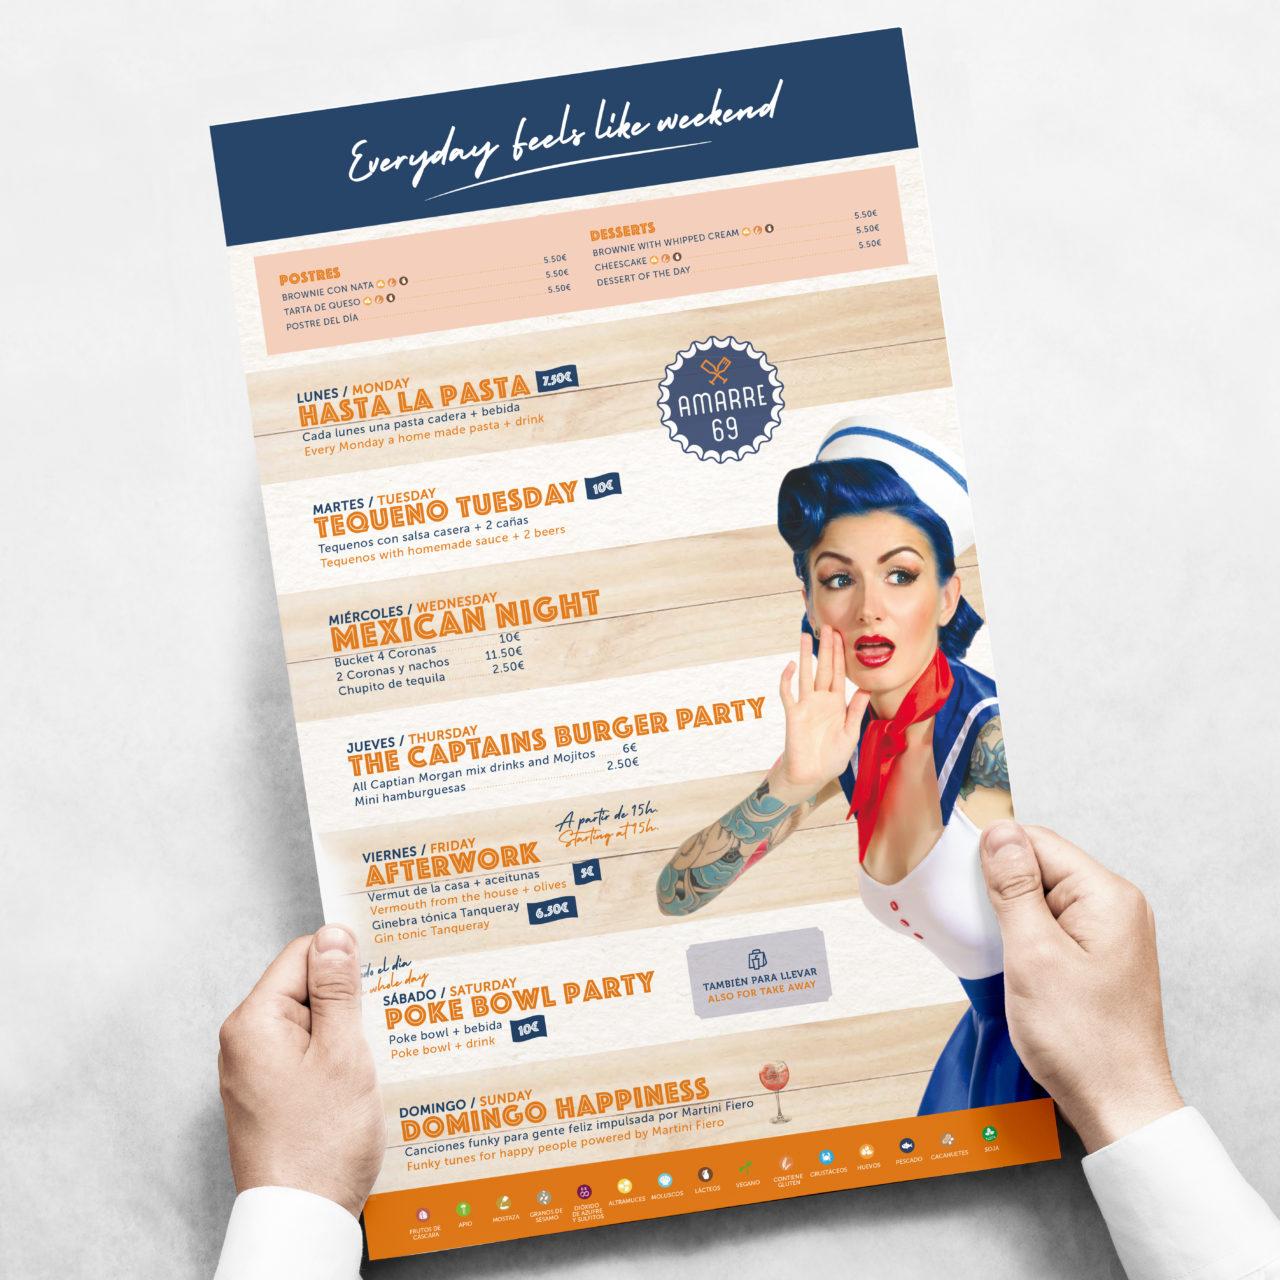 Amarre 69 menu